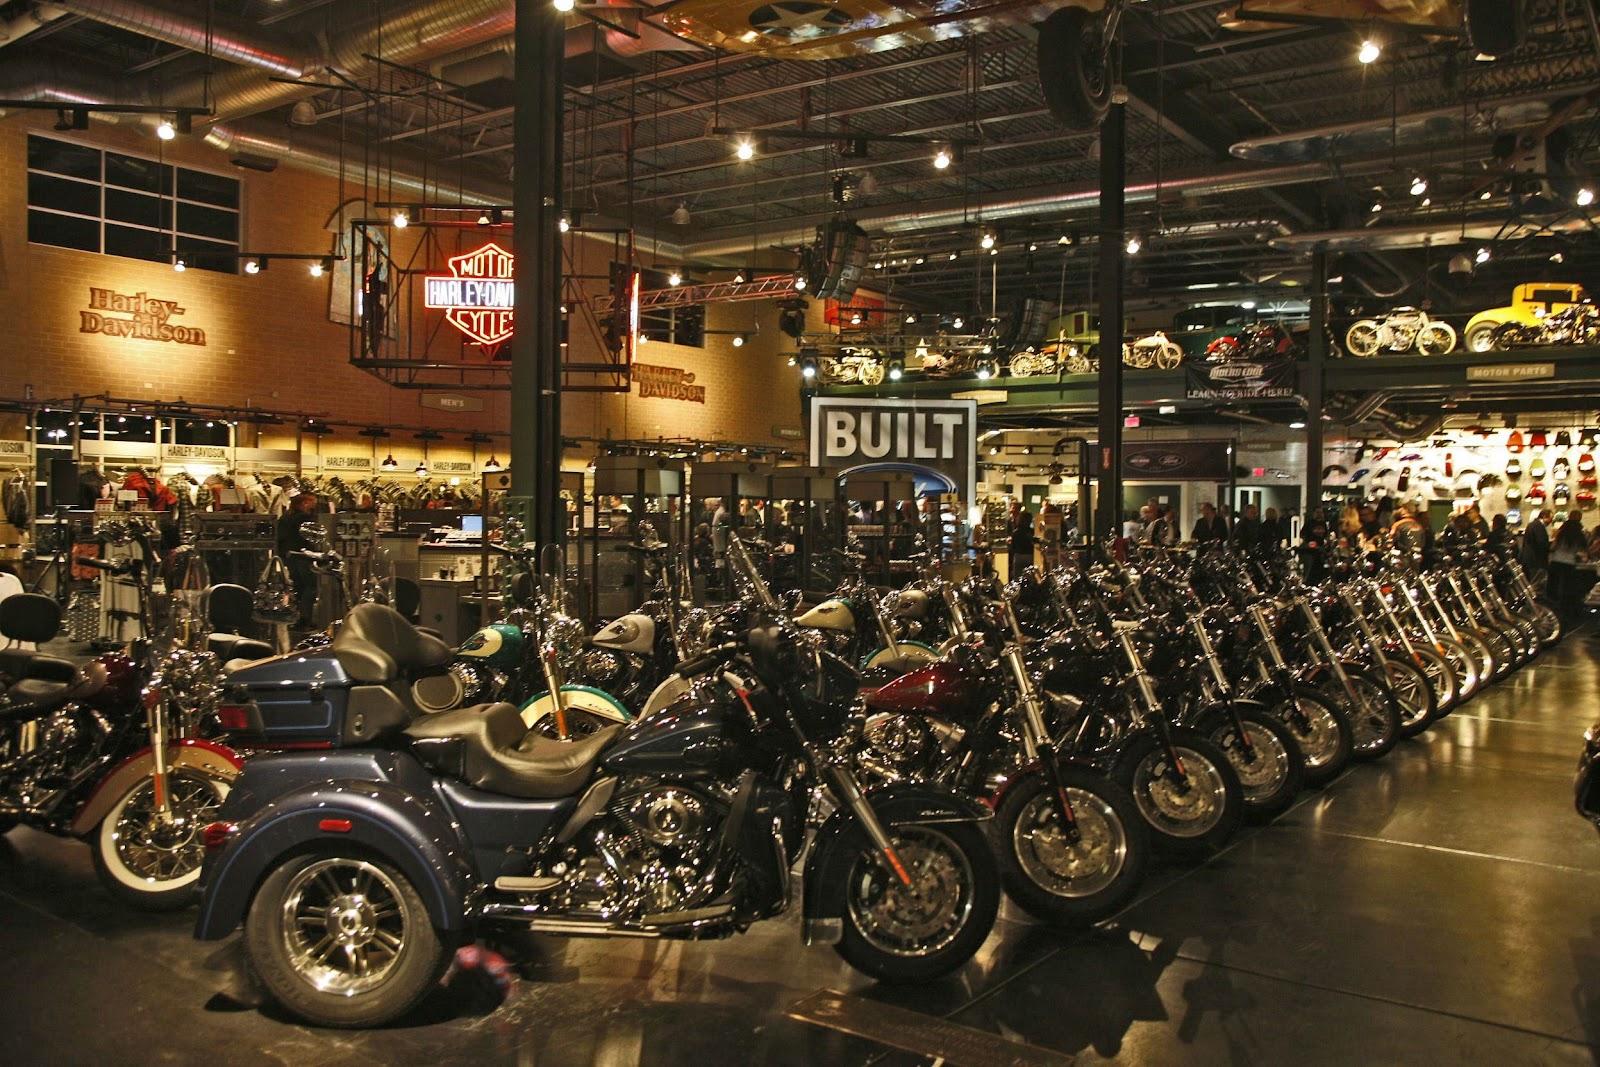 Closest Harley Davidson Dealership